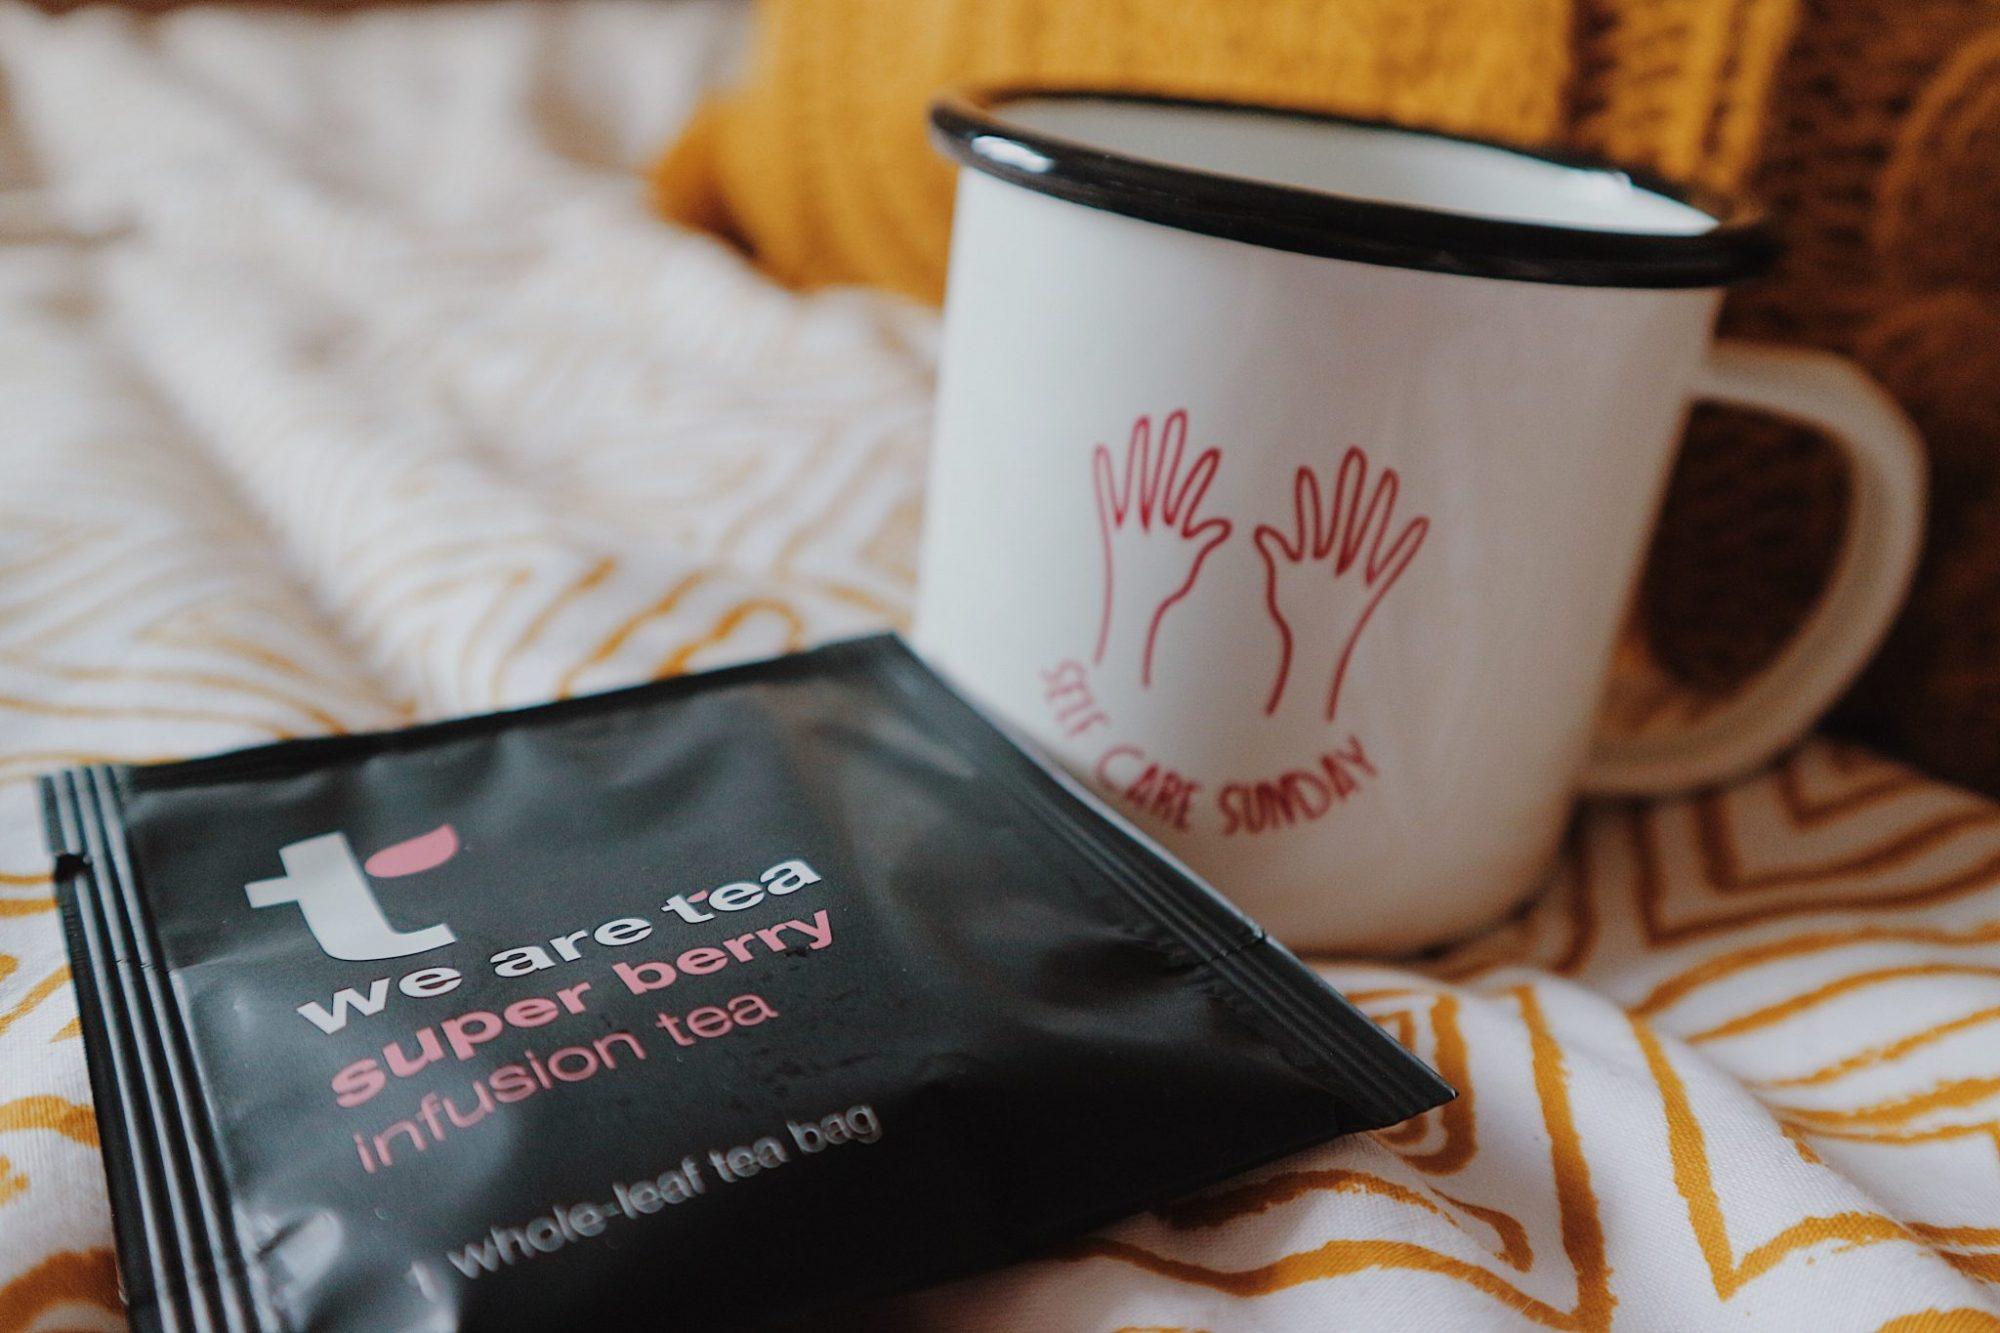 We Are Tea Super Berry Infusion Tea + Self Care Mug